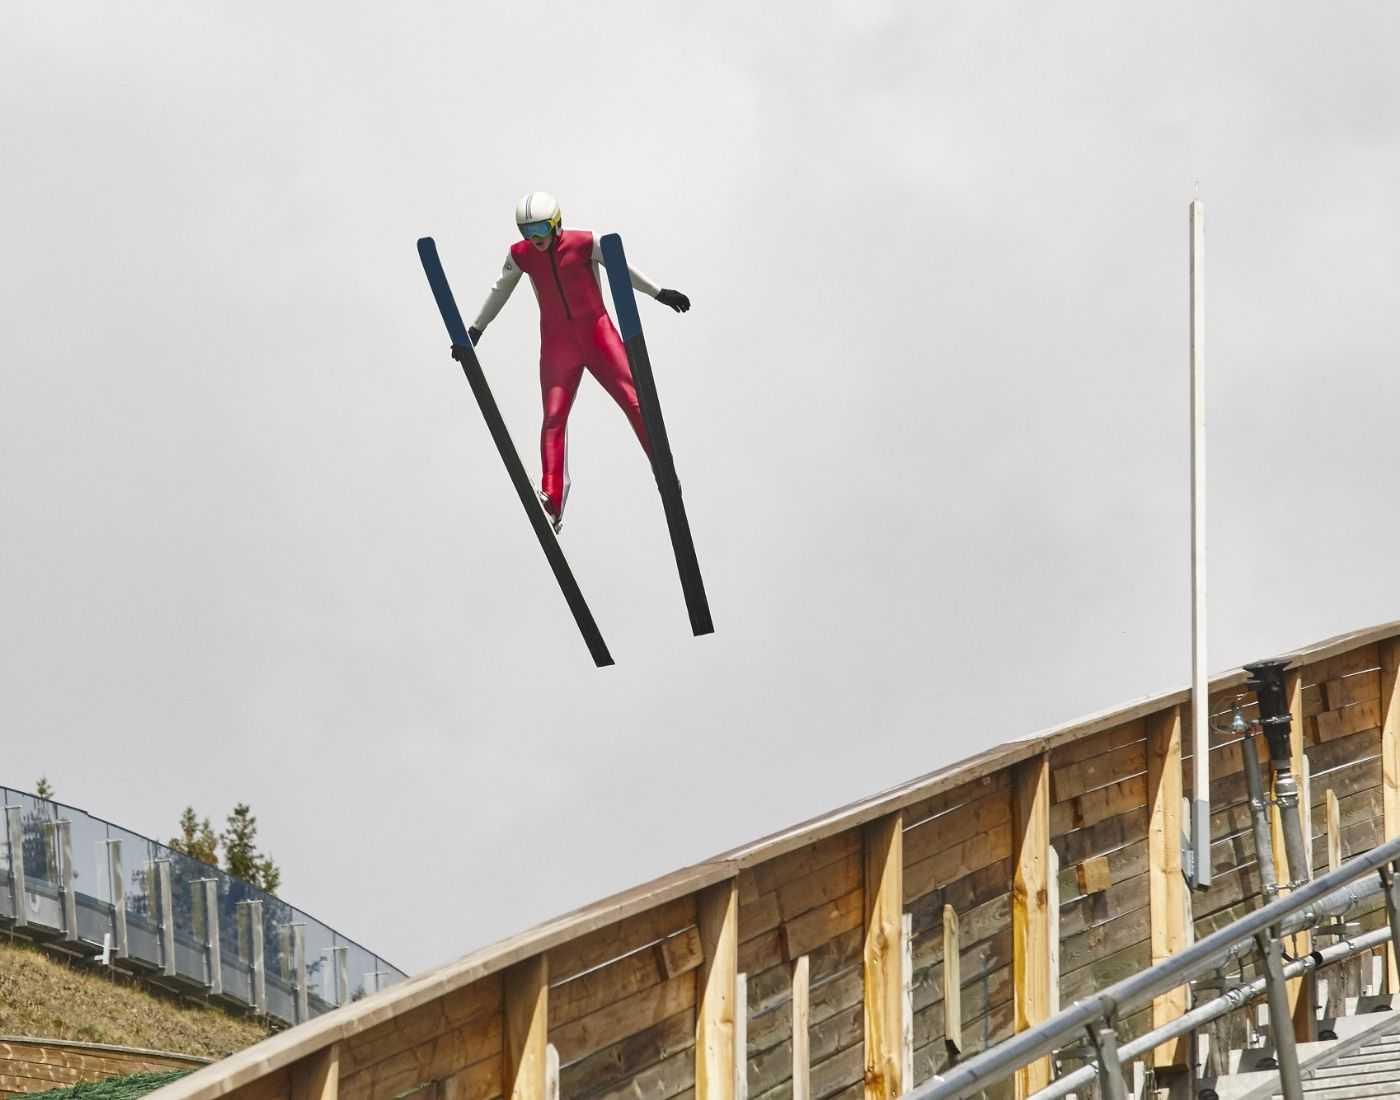 Ski Jumping snow sports